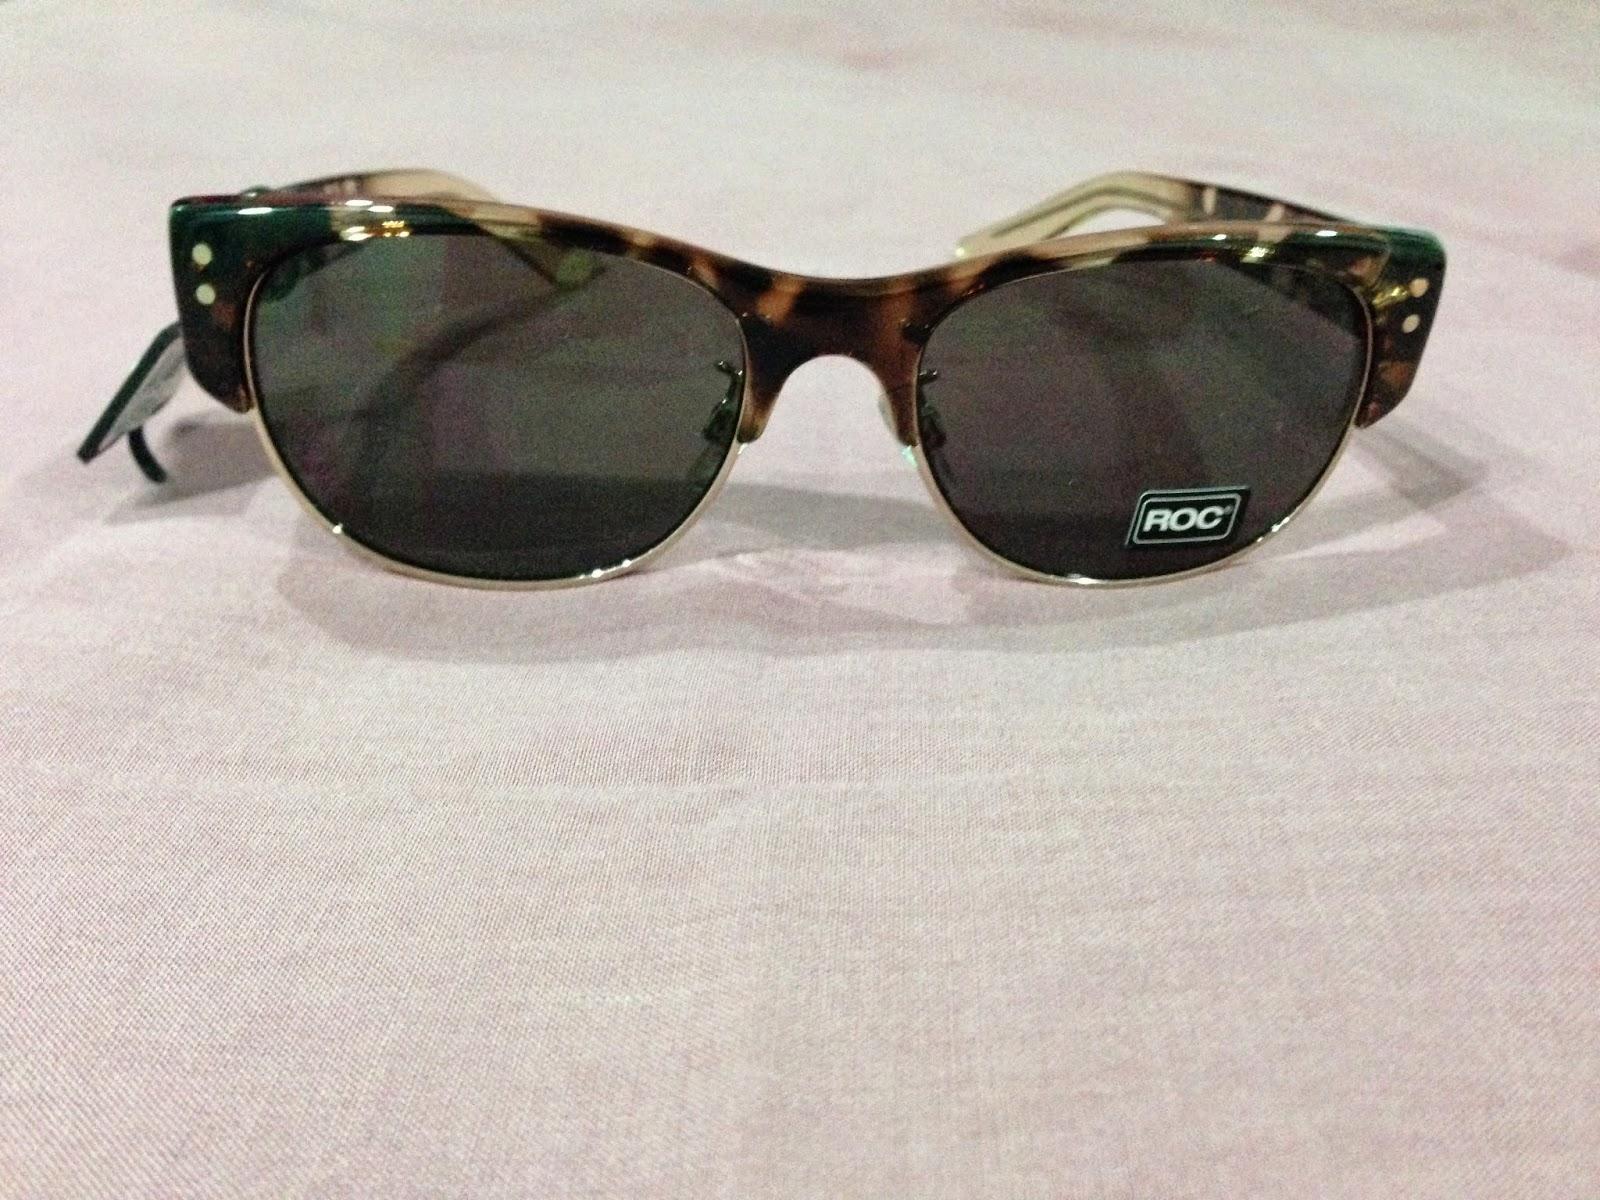 ROC Sinatra brown/tortoiseshell cat eye sunglasses